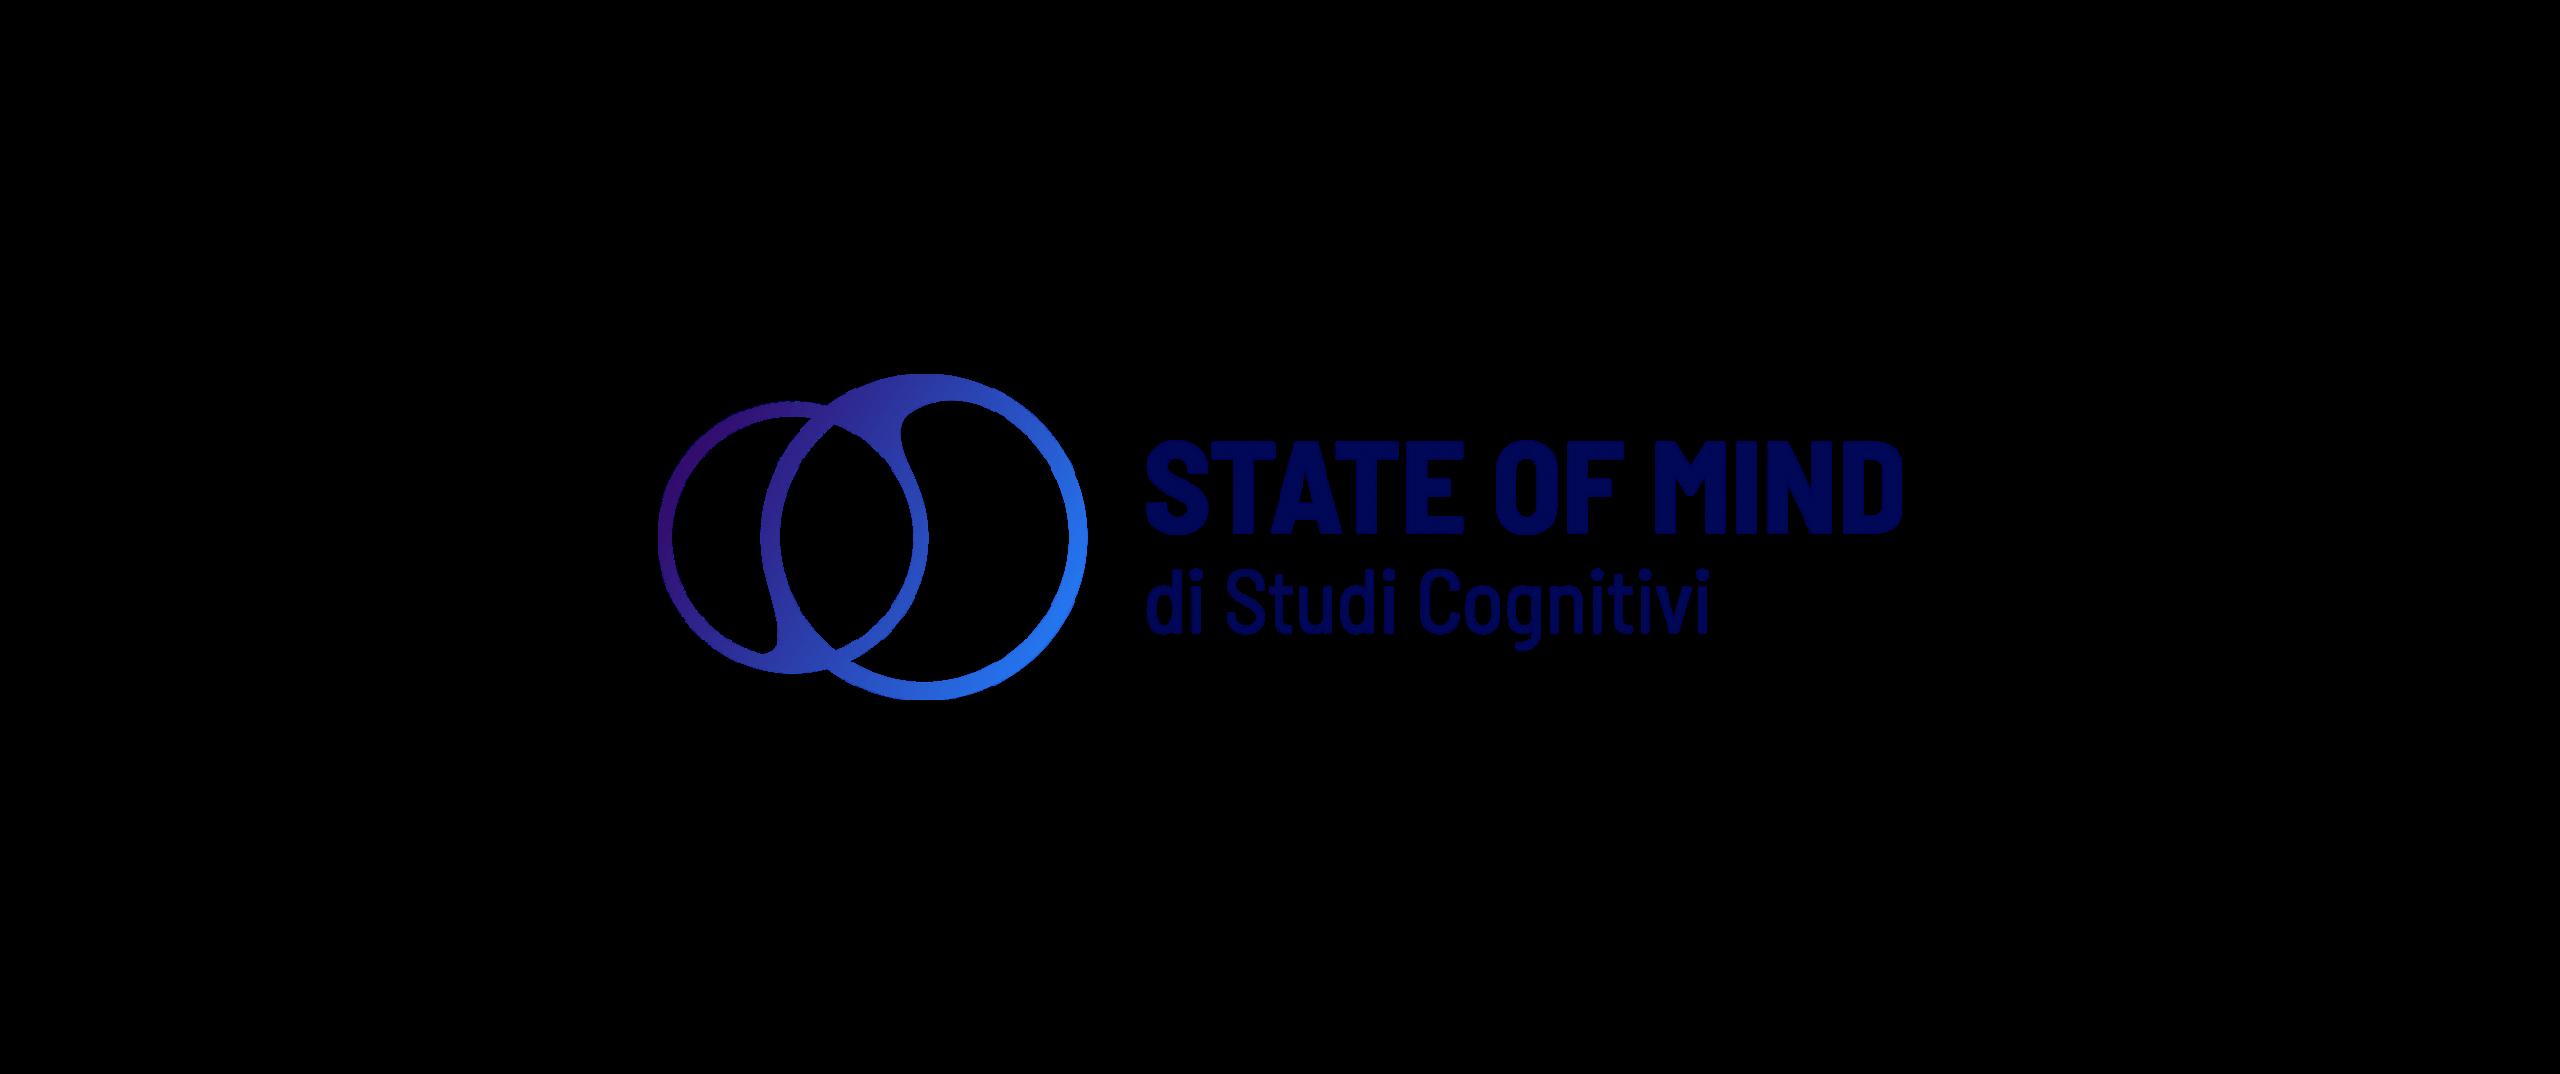 State of Mind - Studi Cognitivi